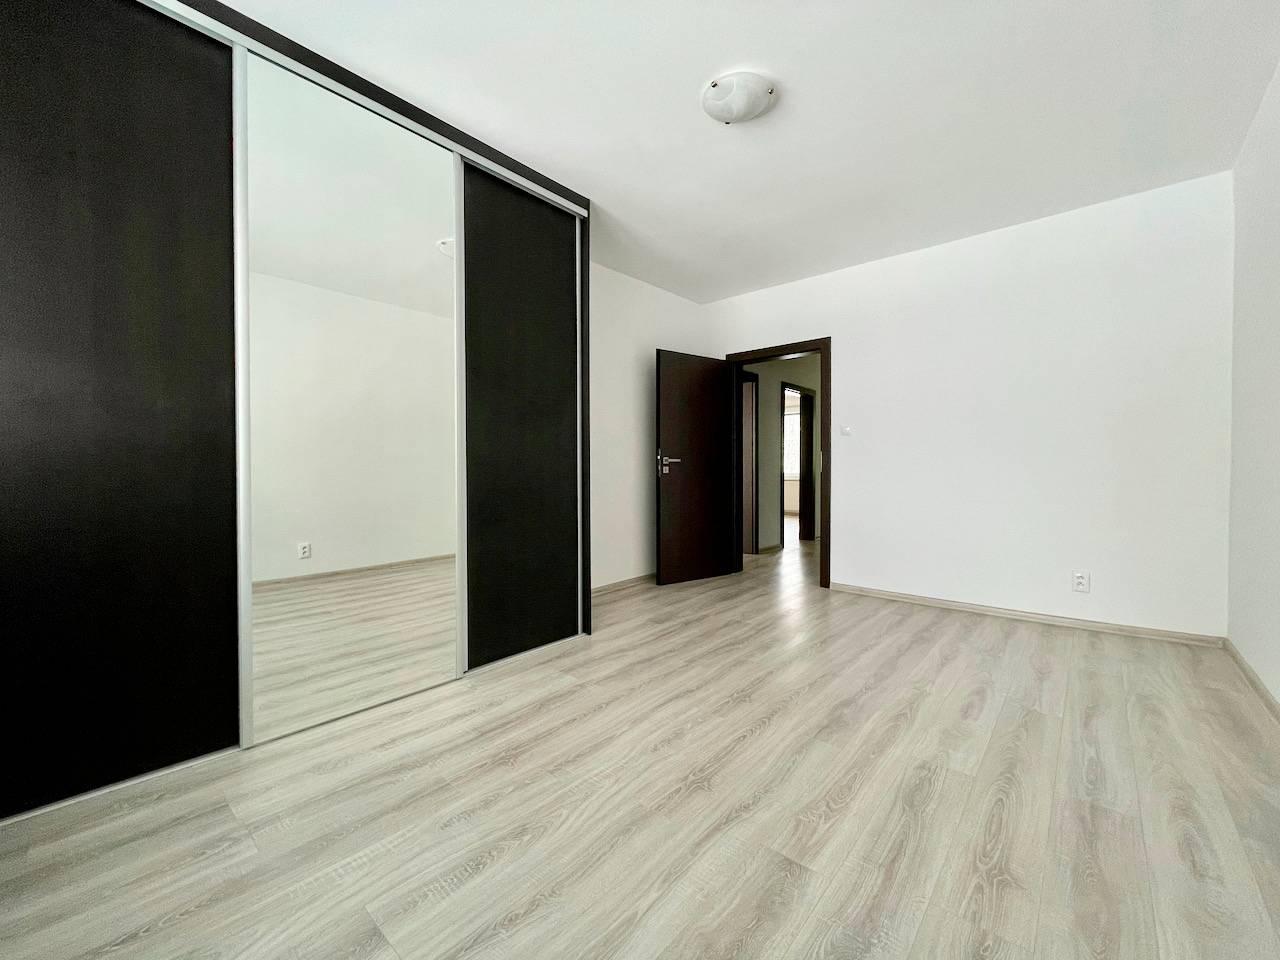 3 izbový byt na prenájom Žilina - Vlčince 2, Bulharská